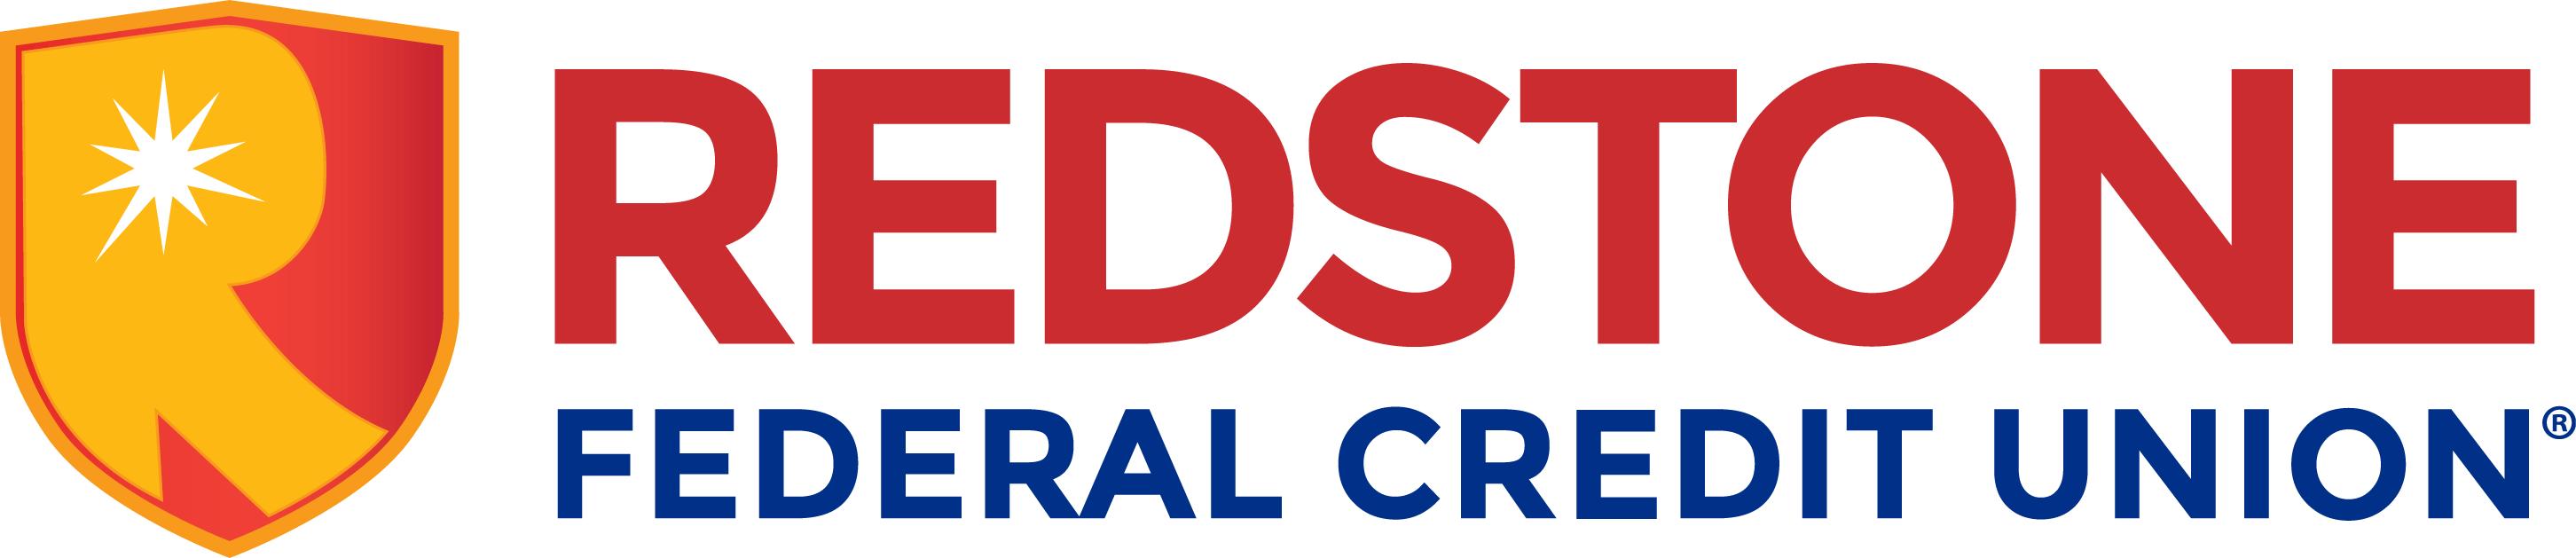 Redstone-CU1